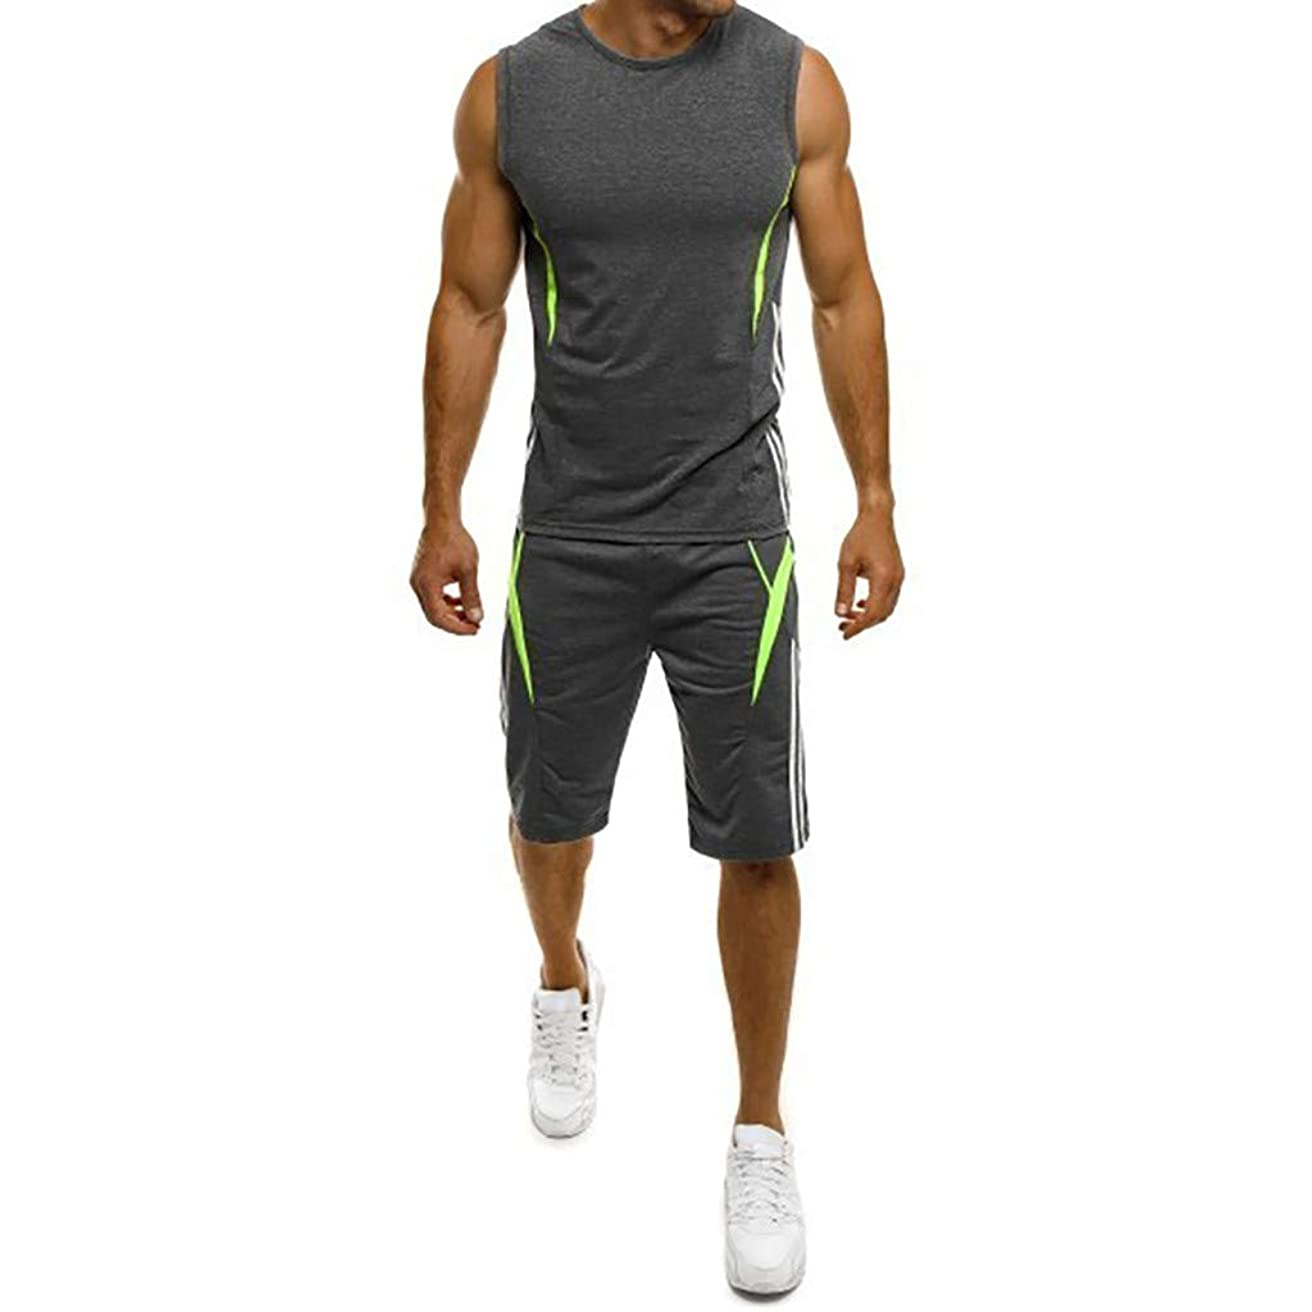 絵日付付き抗議コンプレッションウェア メンズ トレーニングウェア 上下セット ハーフパンツ スポーツ ロングパンツ メンズ トレーニング 上下セットアップ メンズ スポーツシャツ 吸汗速乾 ROSE ROMAN